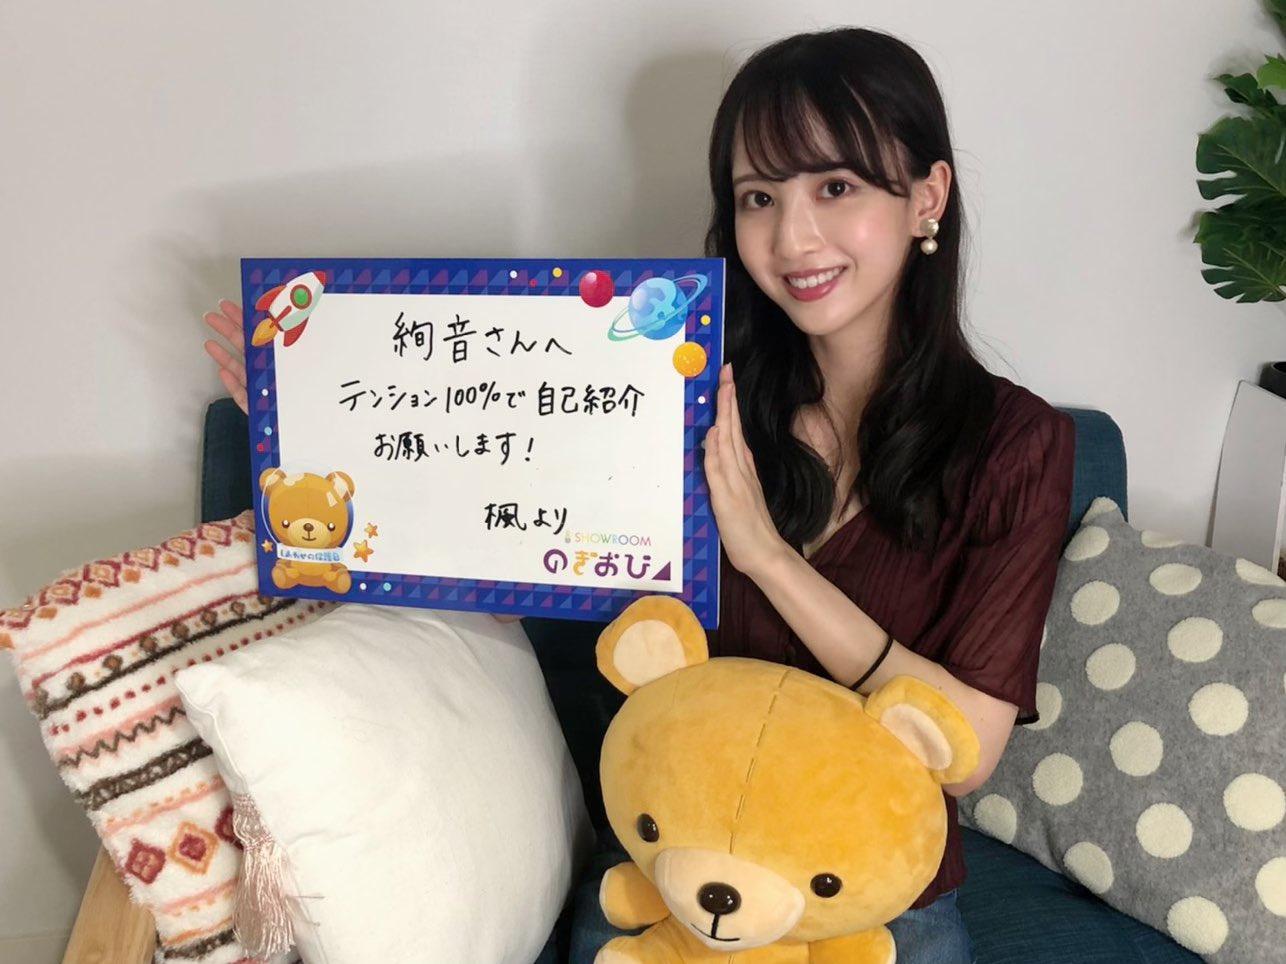 のぎおび 佐藤楓から鈴木絢音への宿題は「テンション100%で自己紹介お願いします!」